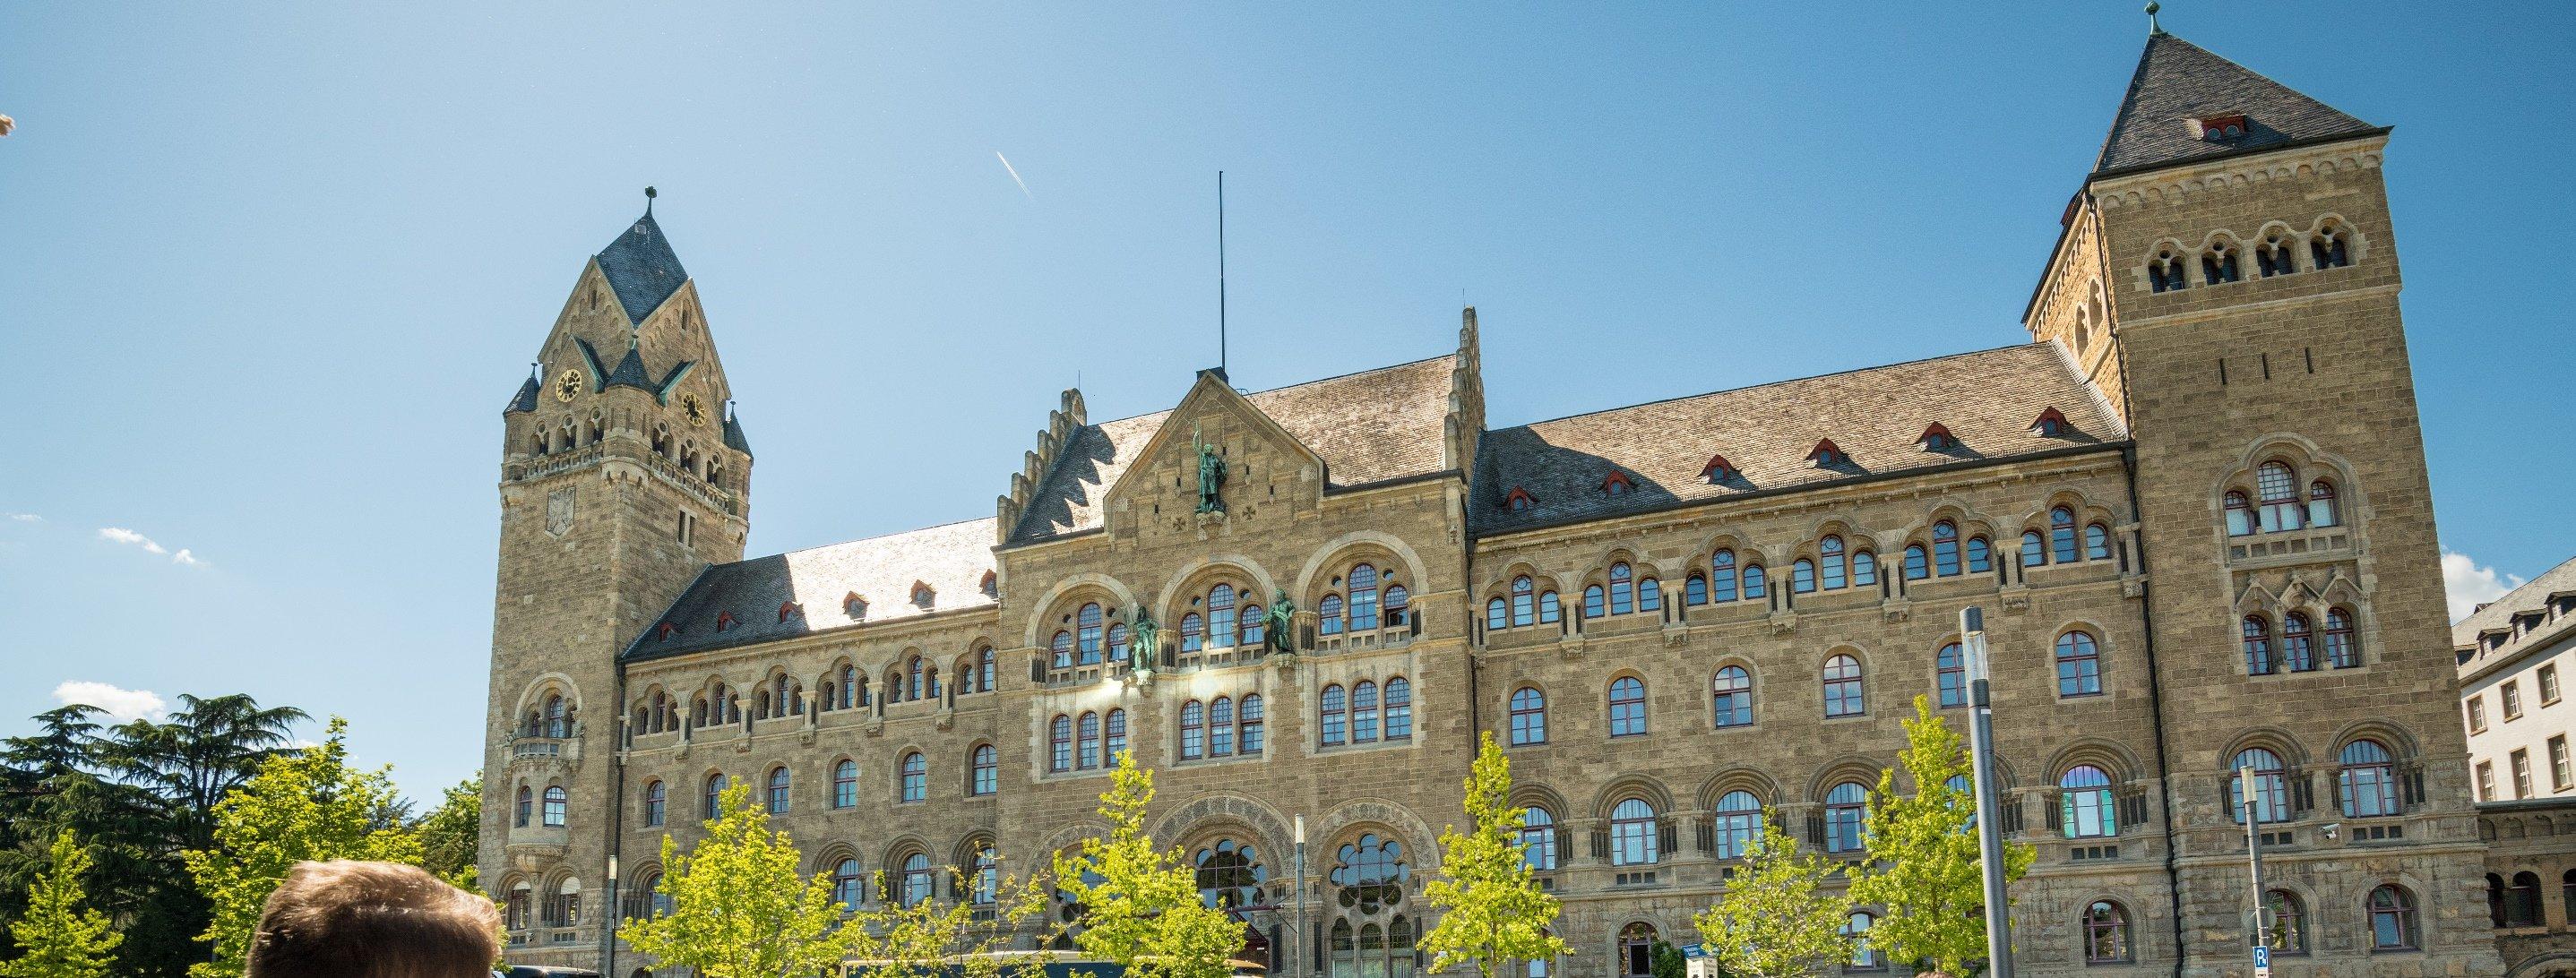 Frontansicht des preußischen Regierungsgebäudes in Koblenz, Romantischer Rhein